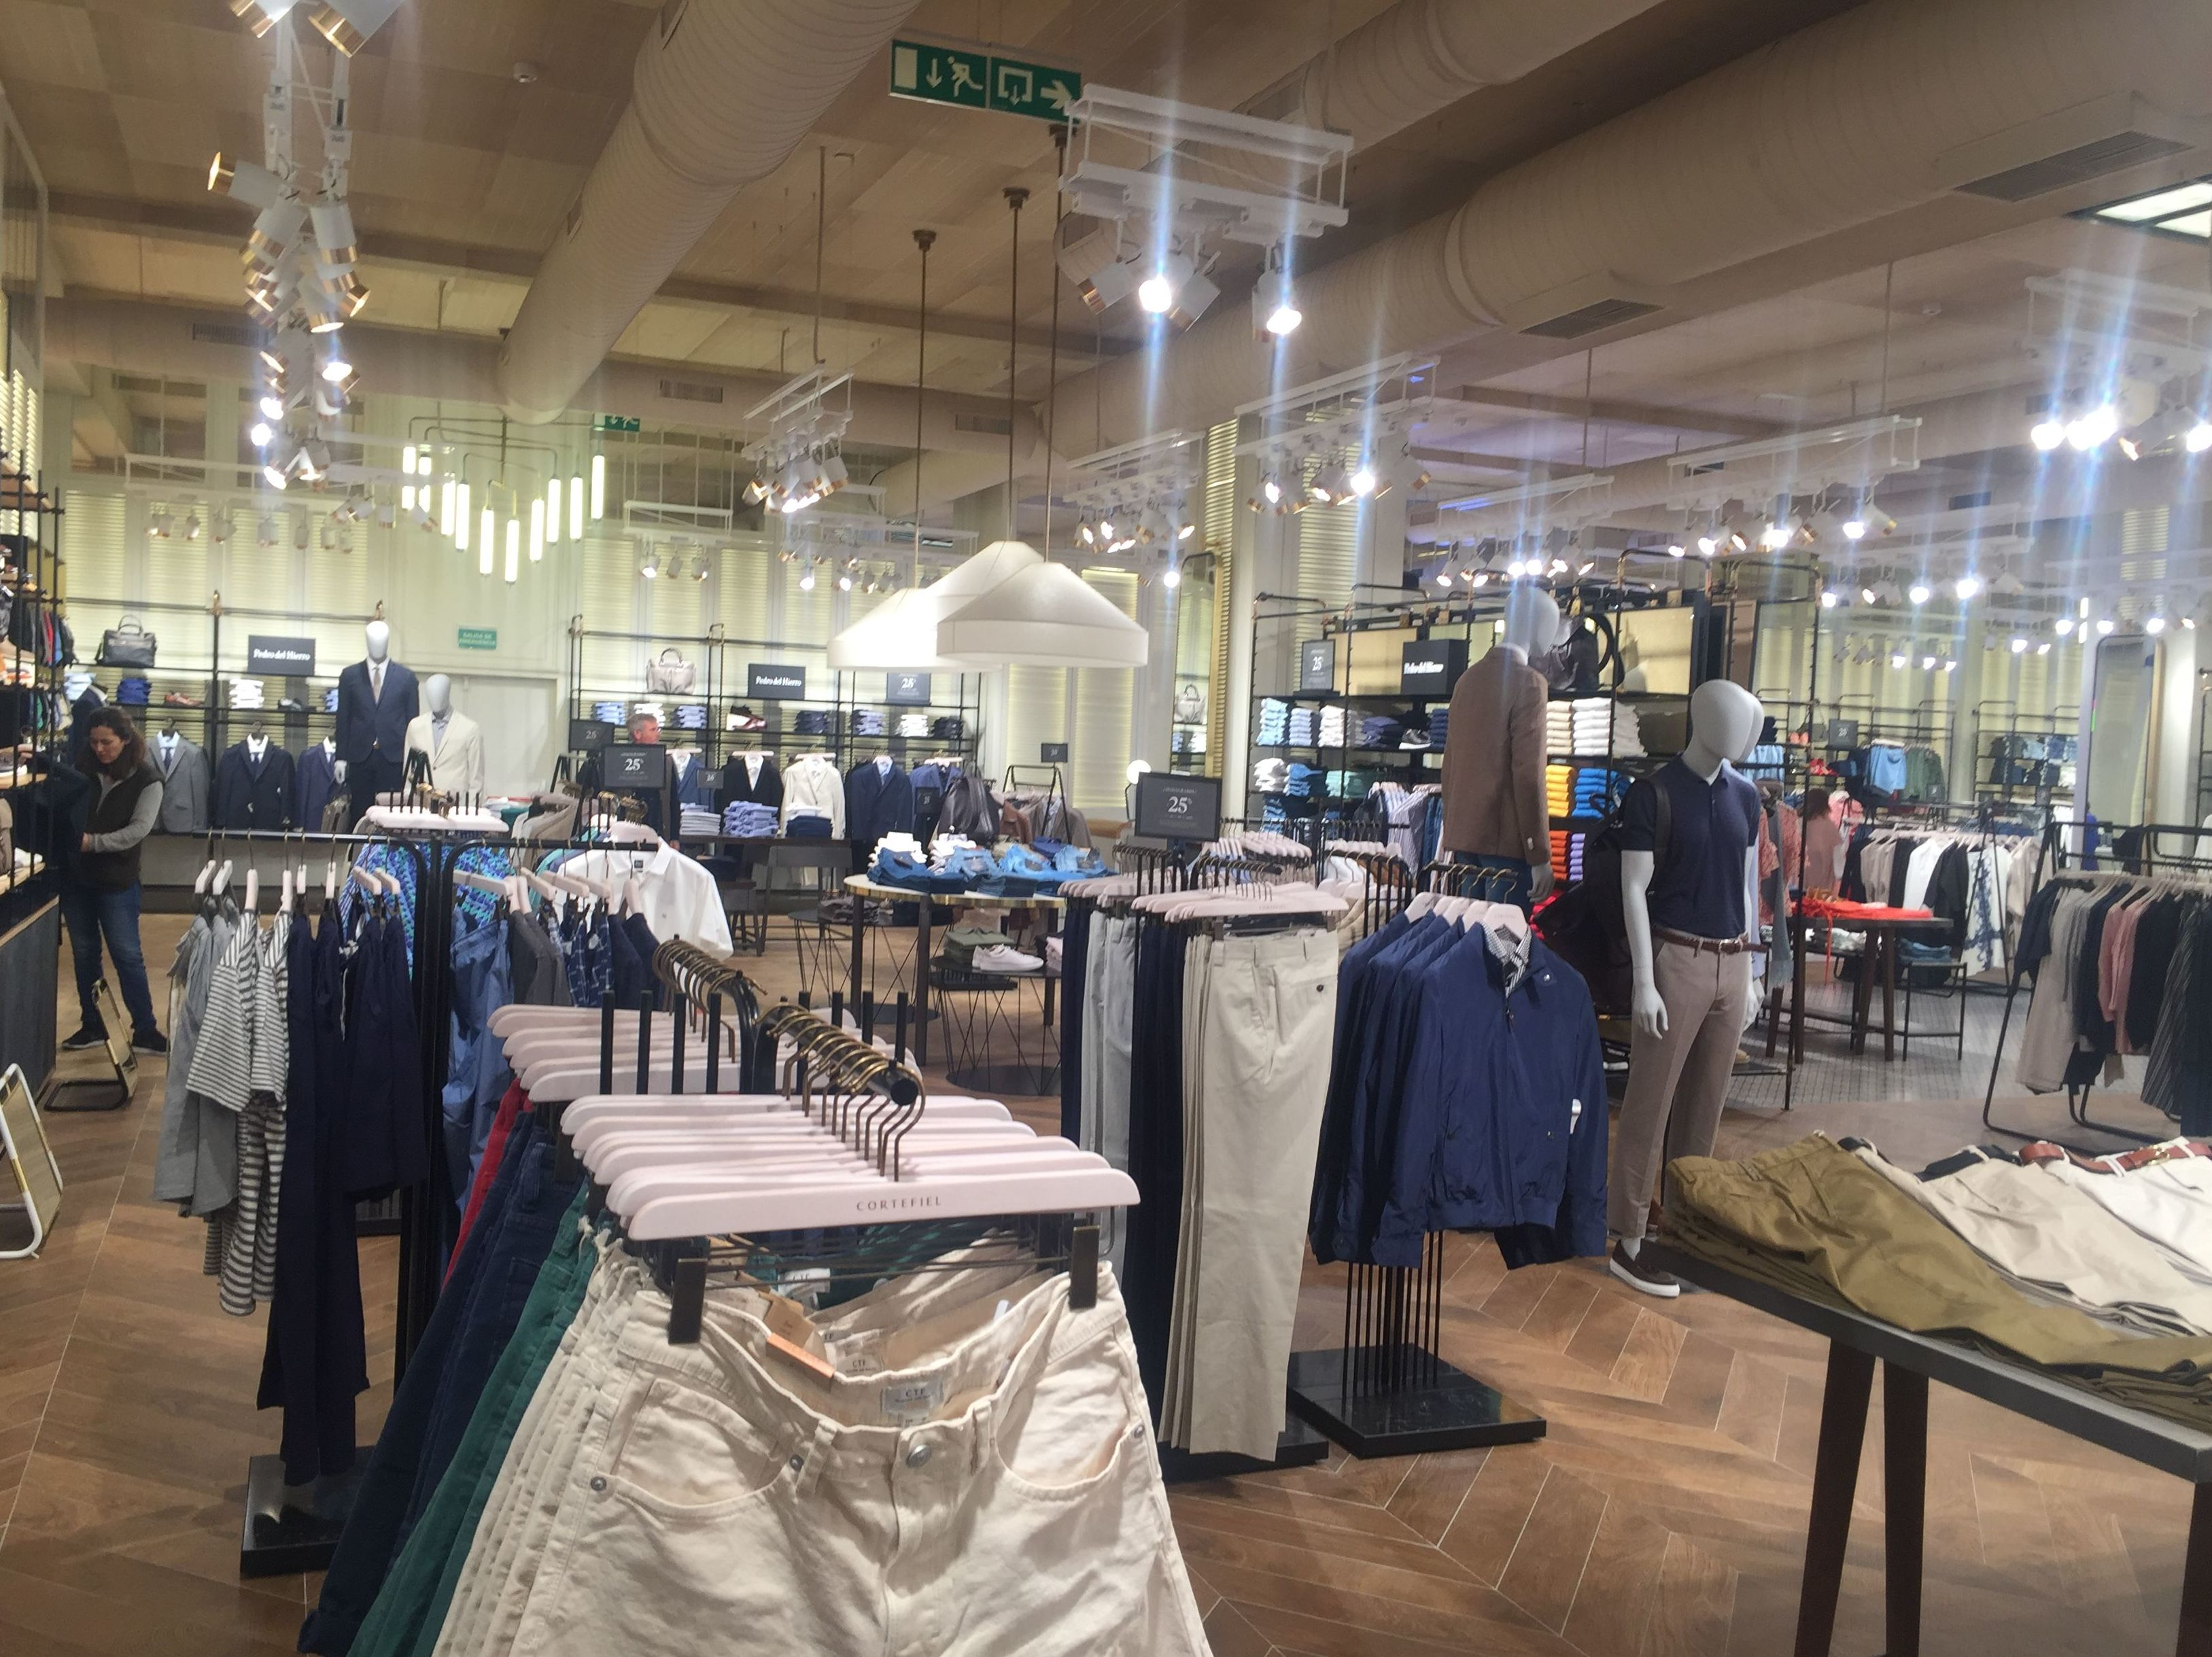 Tienda Cortefiel en el Centro Comercial Oeste (Majadahonda)